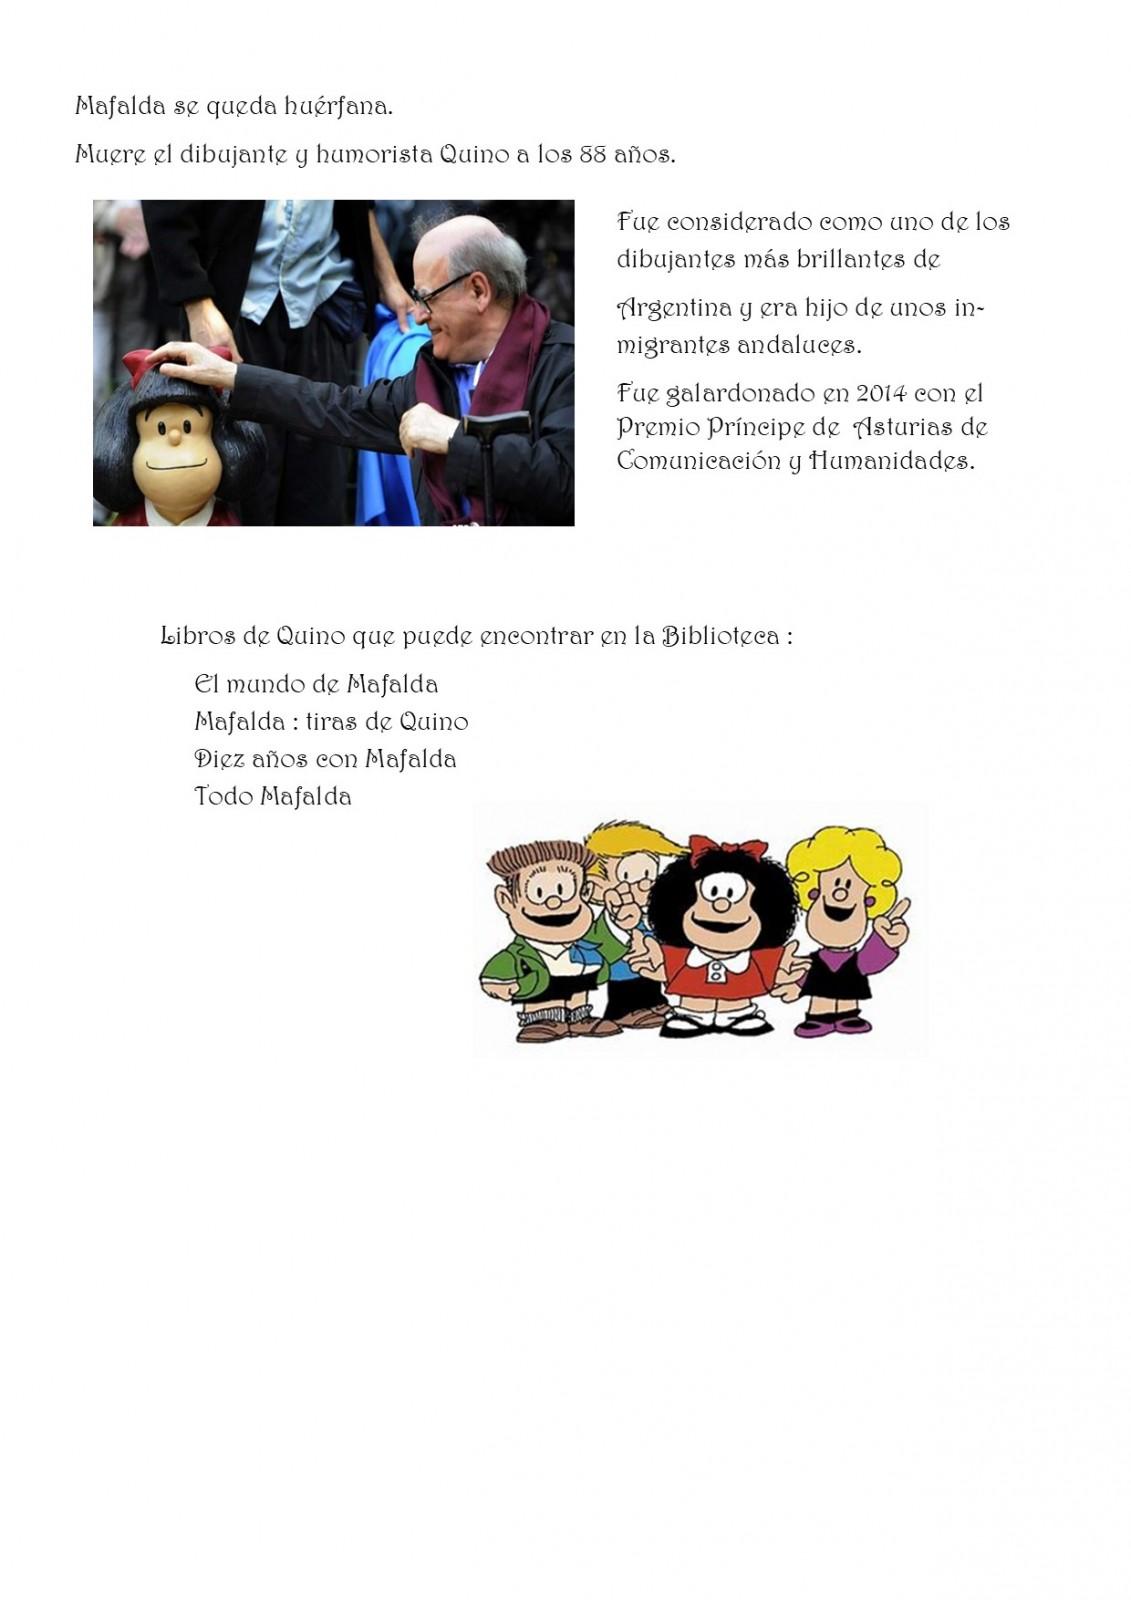 Mafalda se queda huerfana